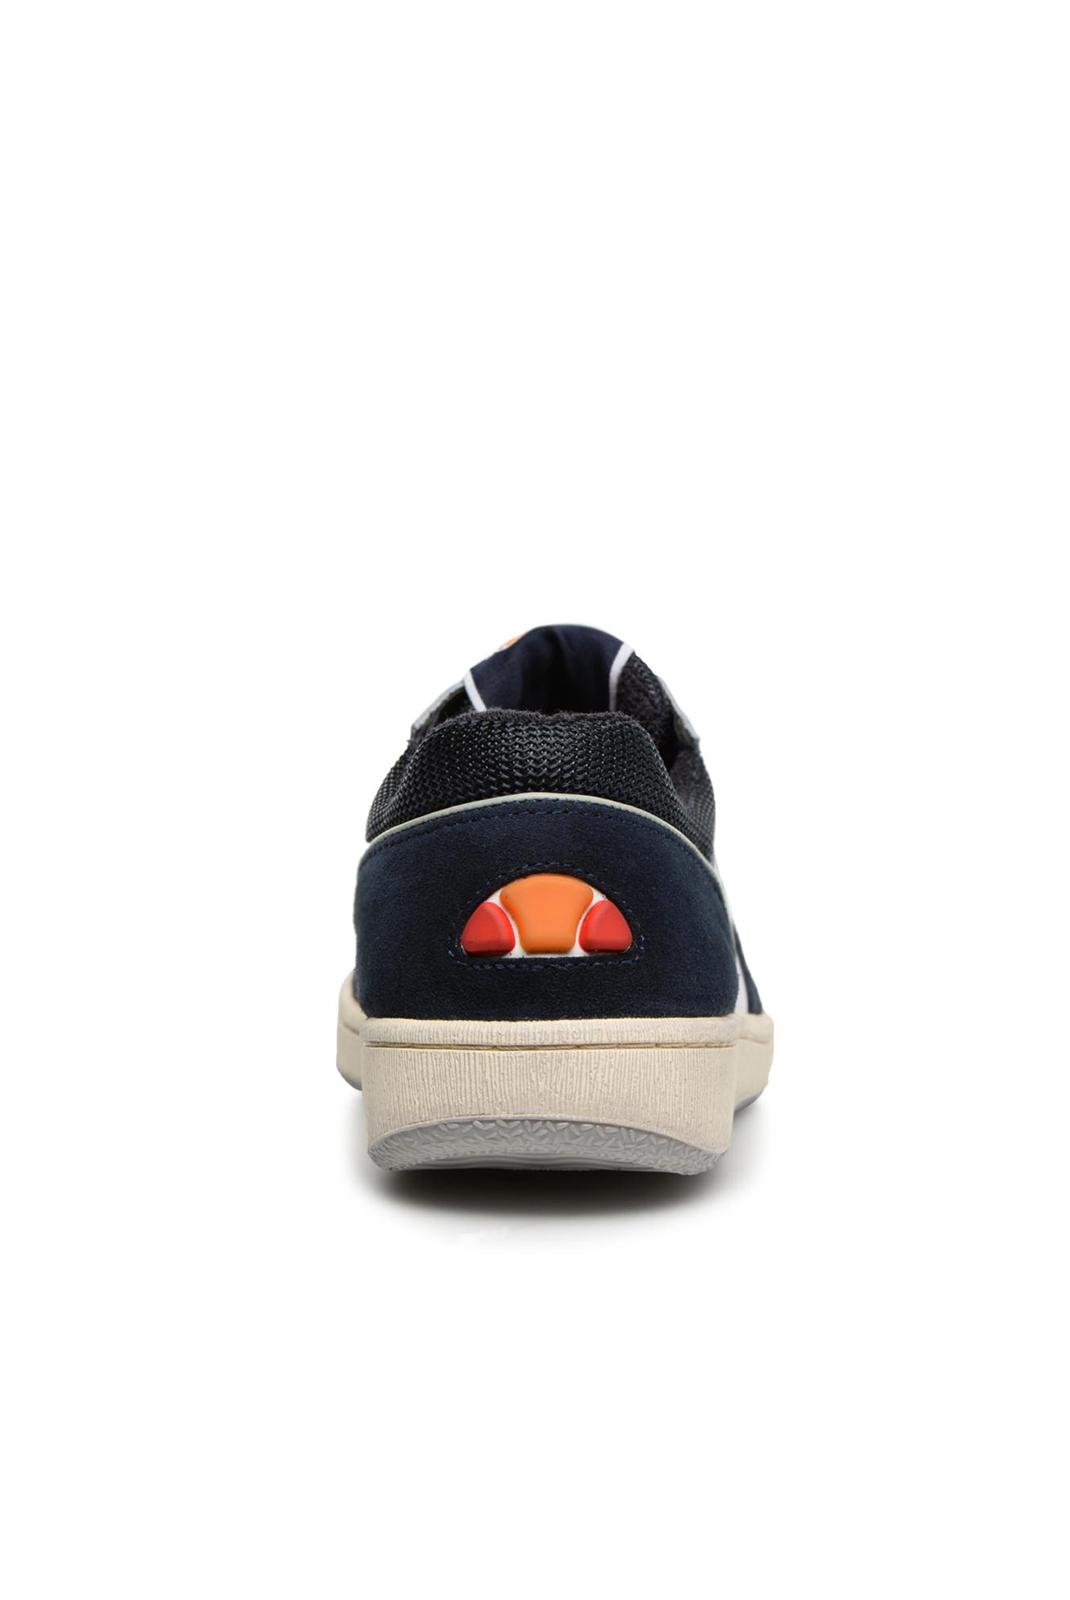 Baskets / Sneakers  Ellesse EL82448 F 02 WHITE NAVY NAVY